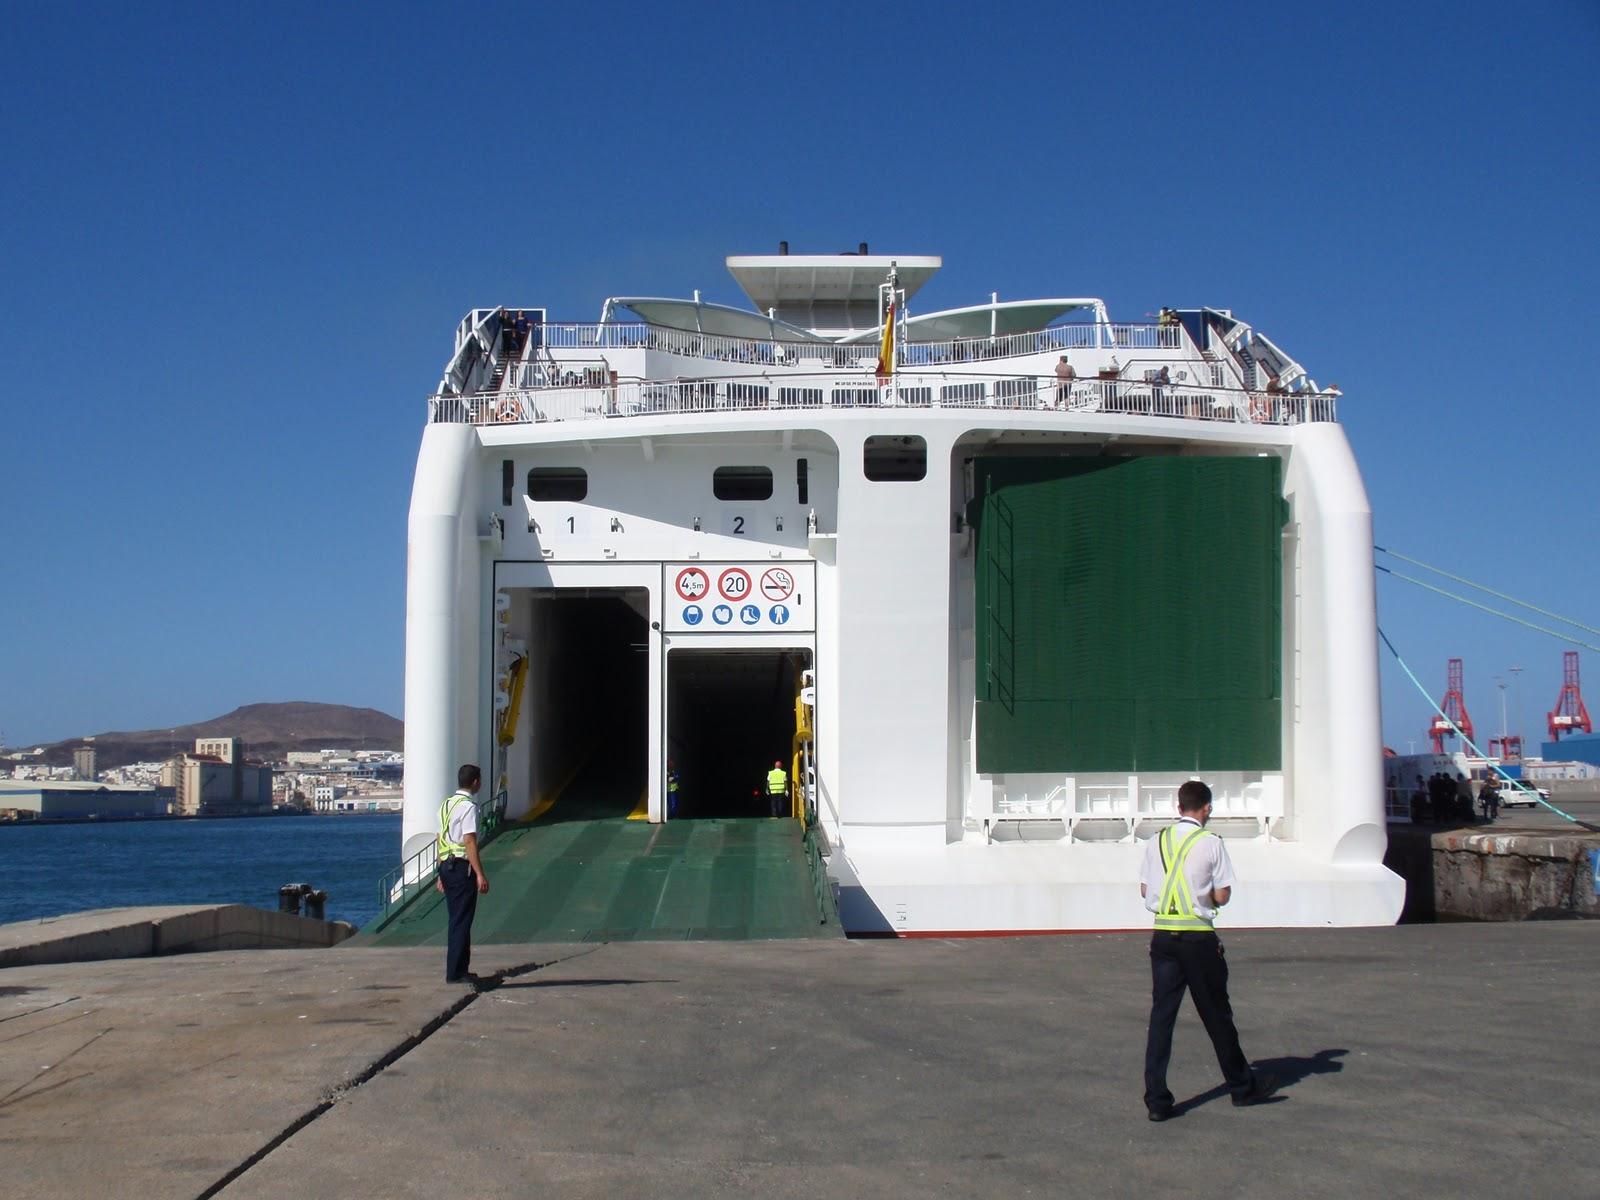 Turismo de cruceros en gran canaria naviera armas for Oficinas de naviera armas